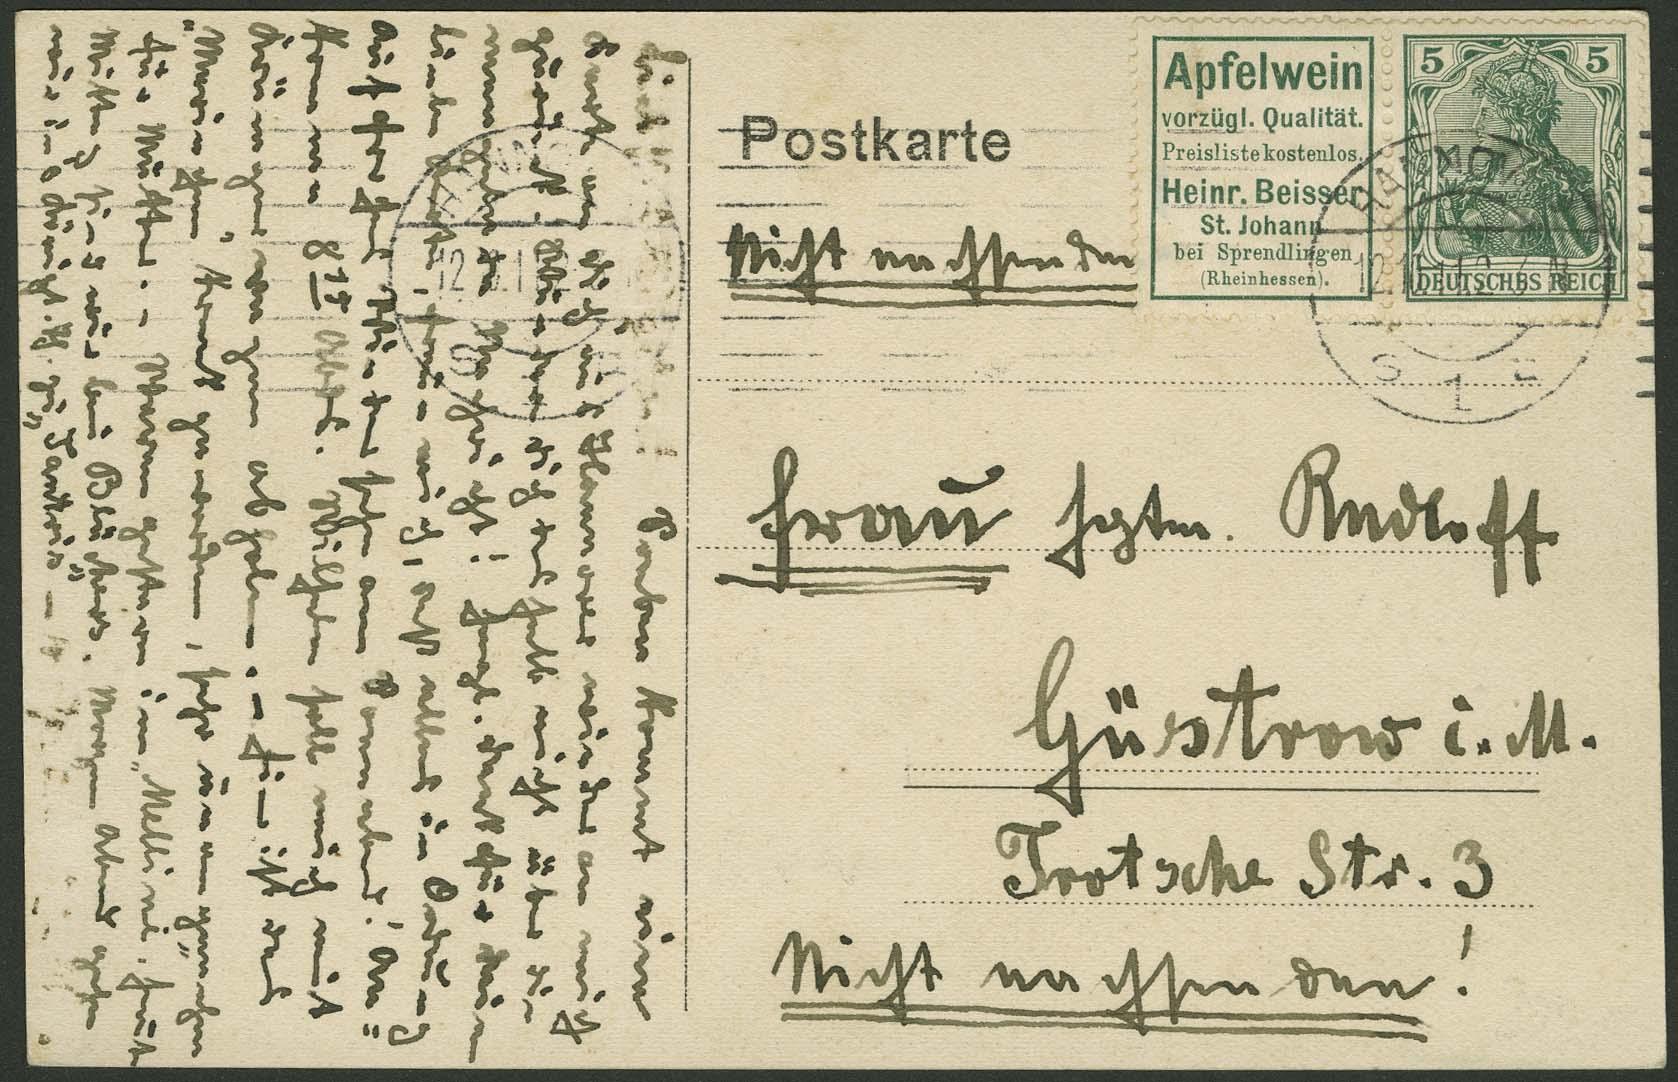 Lot 5870 - Deutsches Reich zusammendrucke -  Auktionshaus Ulrich Felzmann GmbH & Co. KG